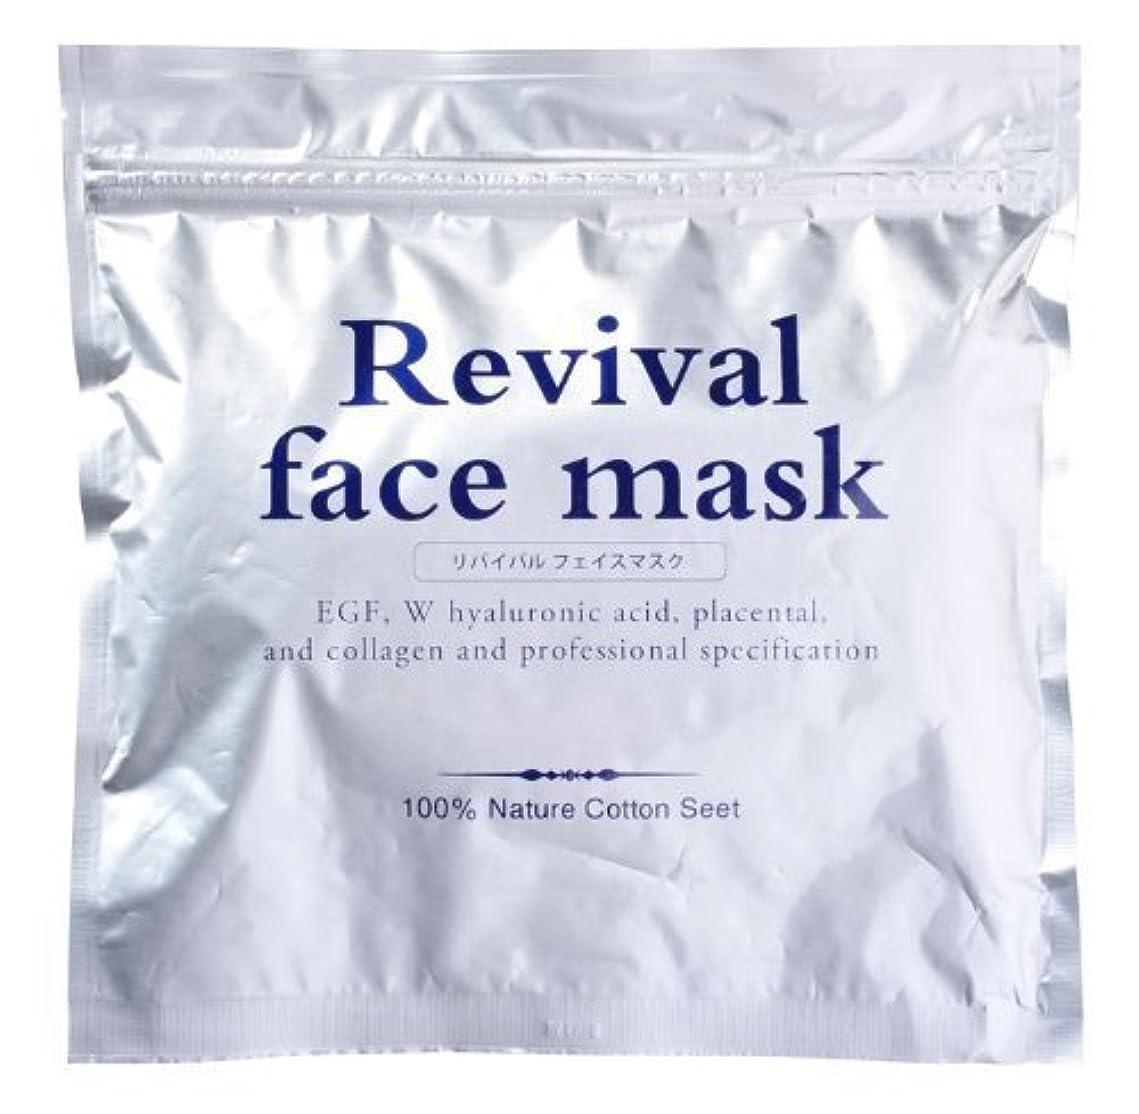 証明書生きる達成リバイバル フェイスマスク 30枚